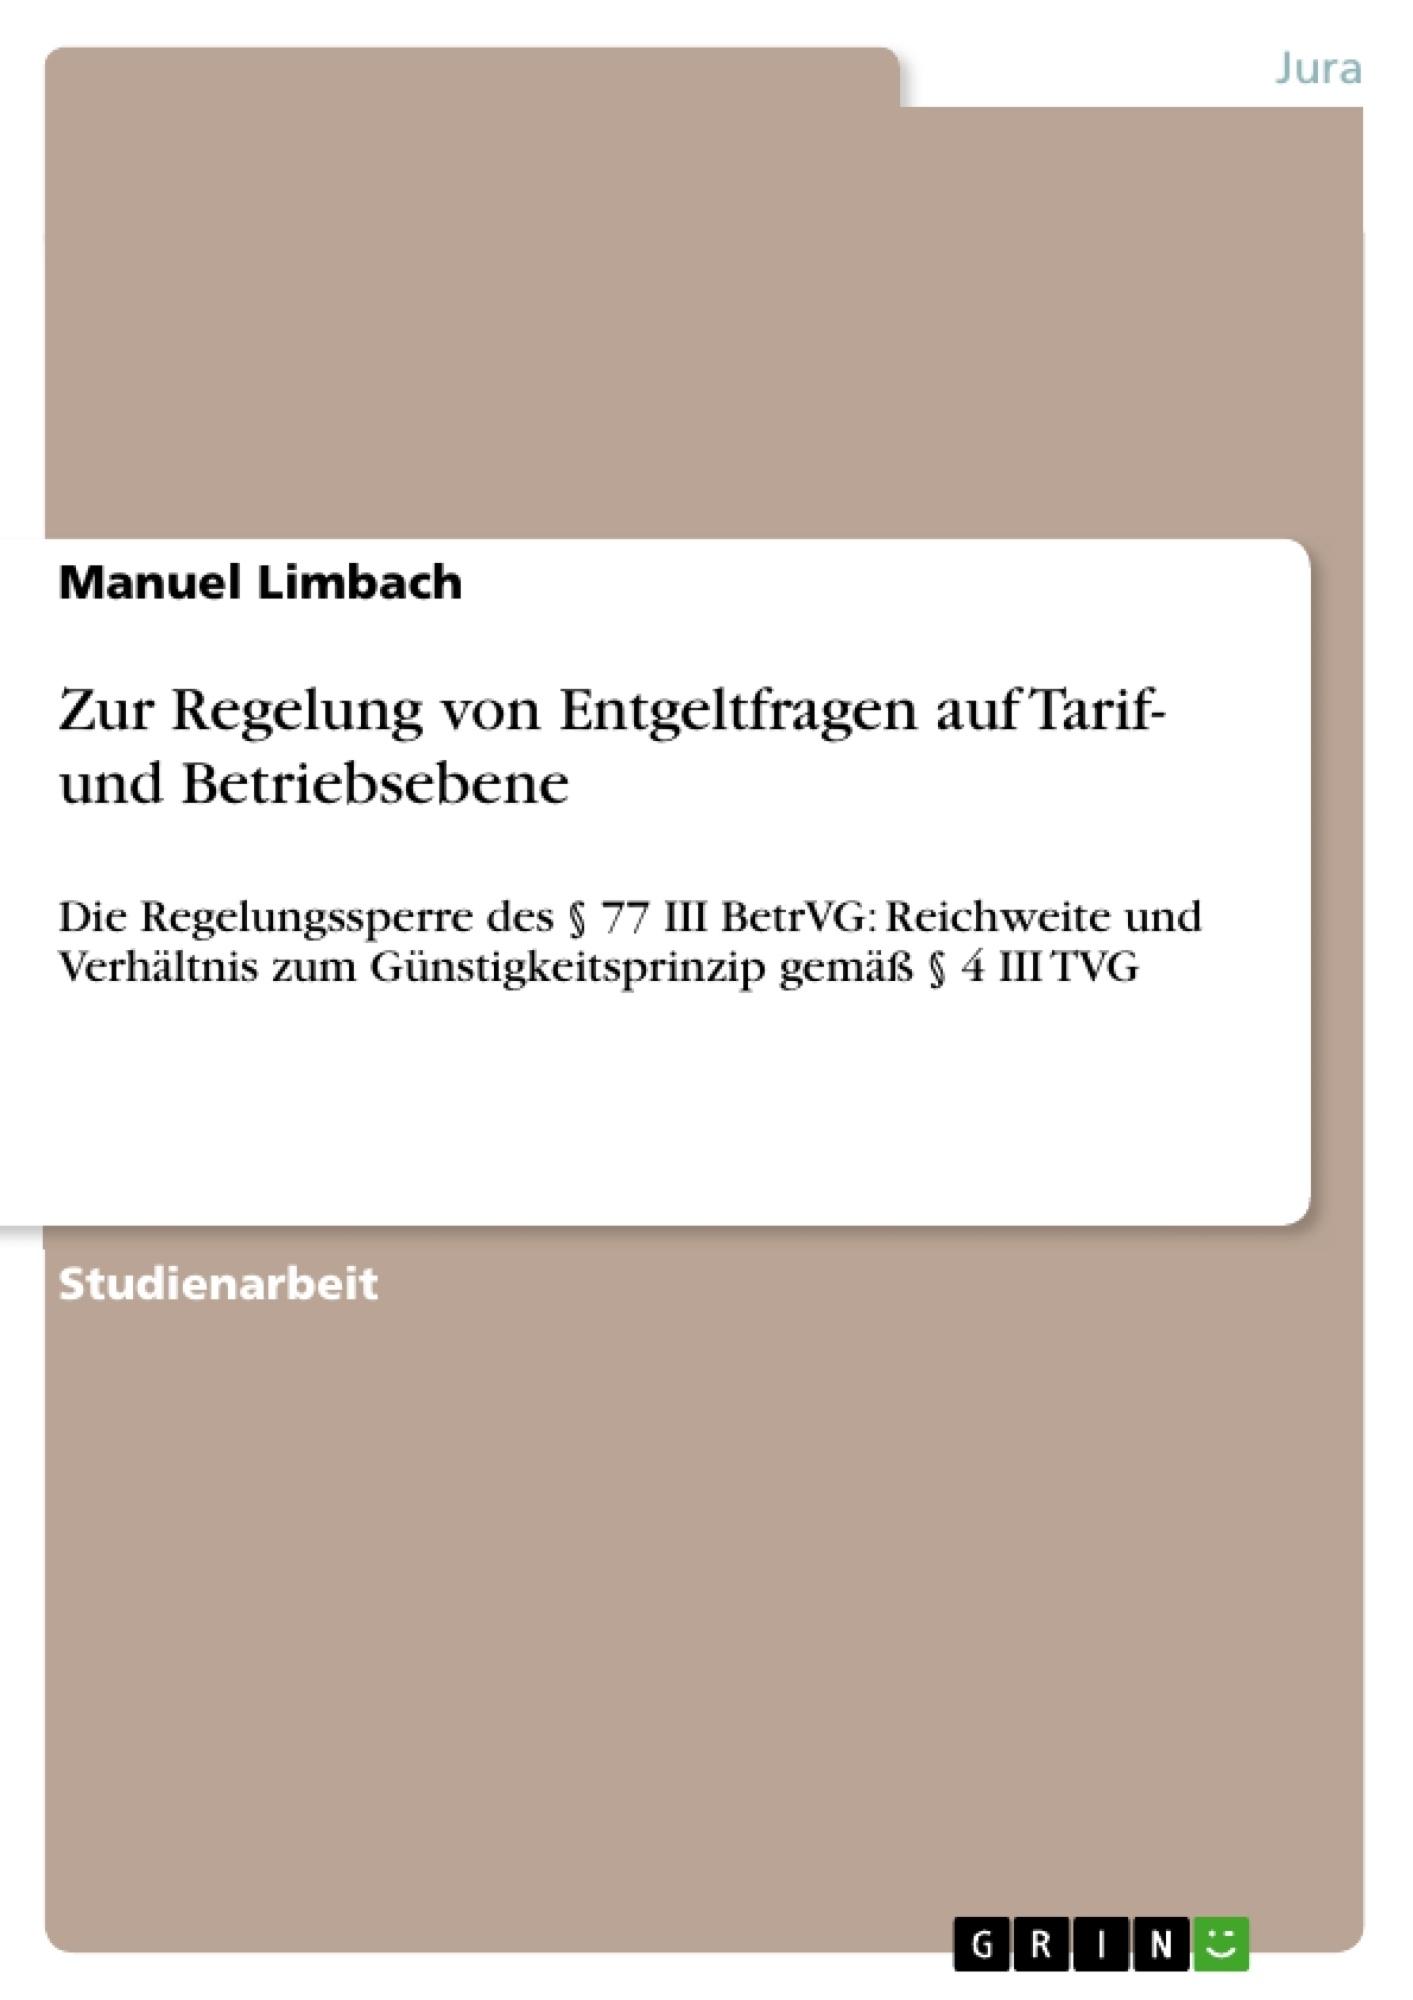 Titel: Zur Regelung von Entgeltfragen auf Tarif- und Betriebsebene